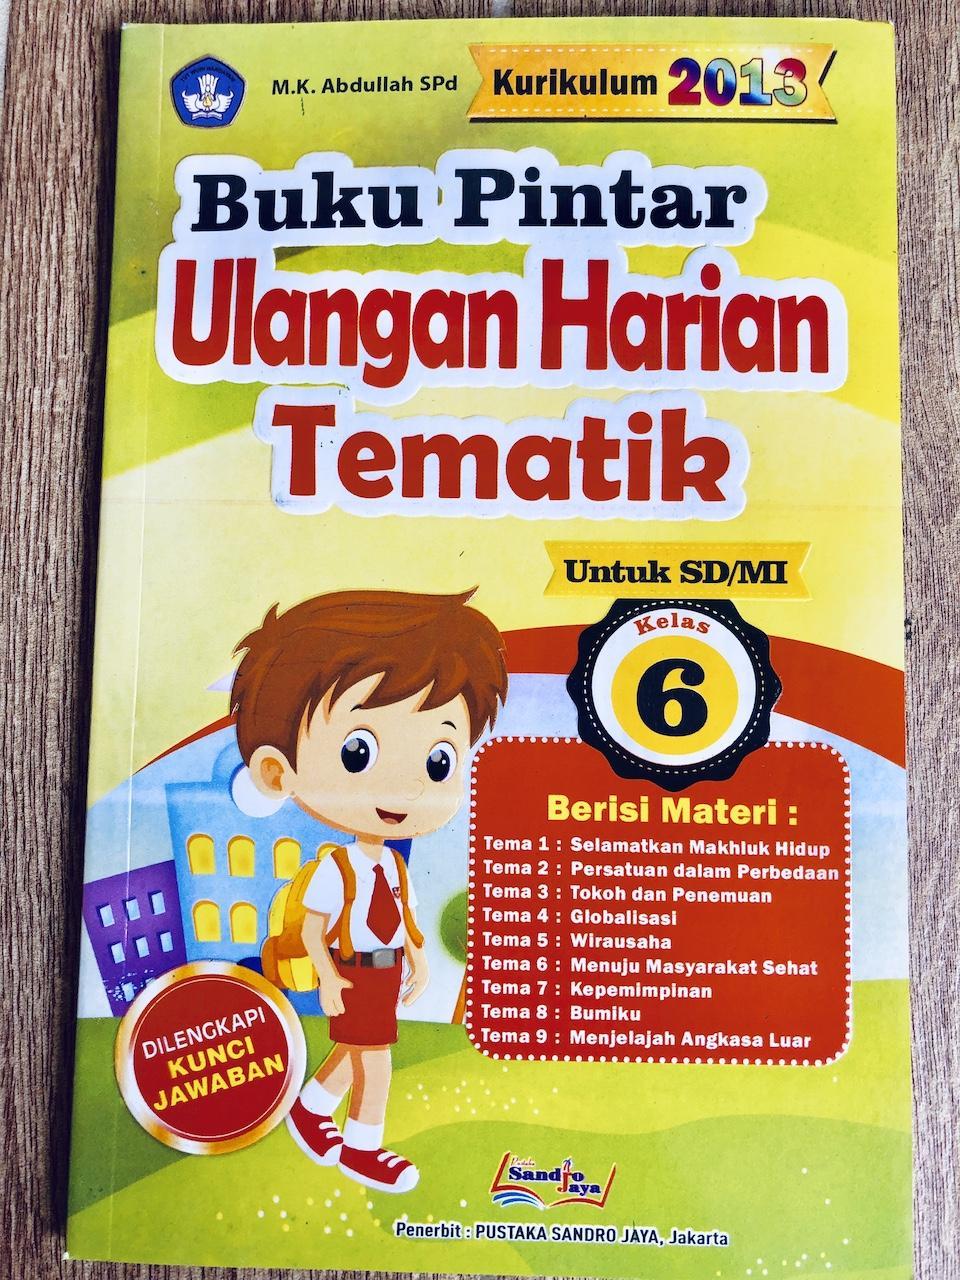 Kunci Jawaban Bahasa Sunda Kelas 5 Halaman 13